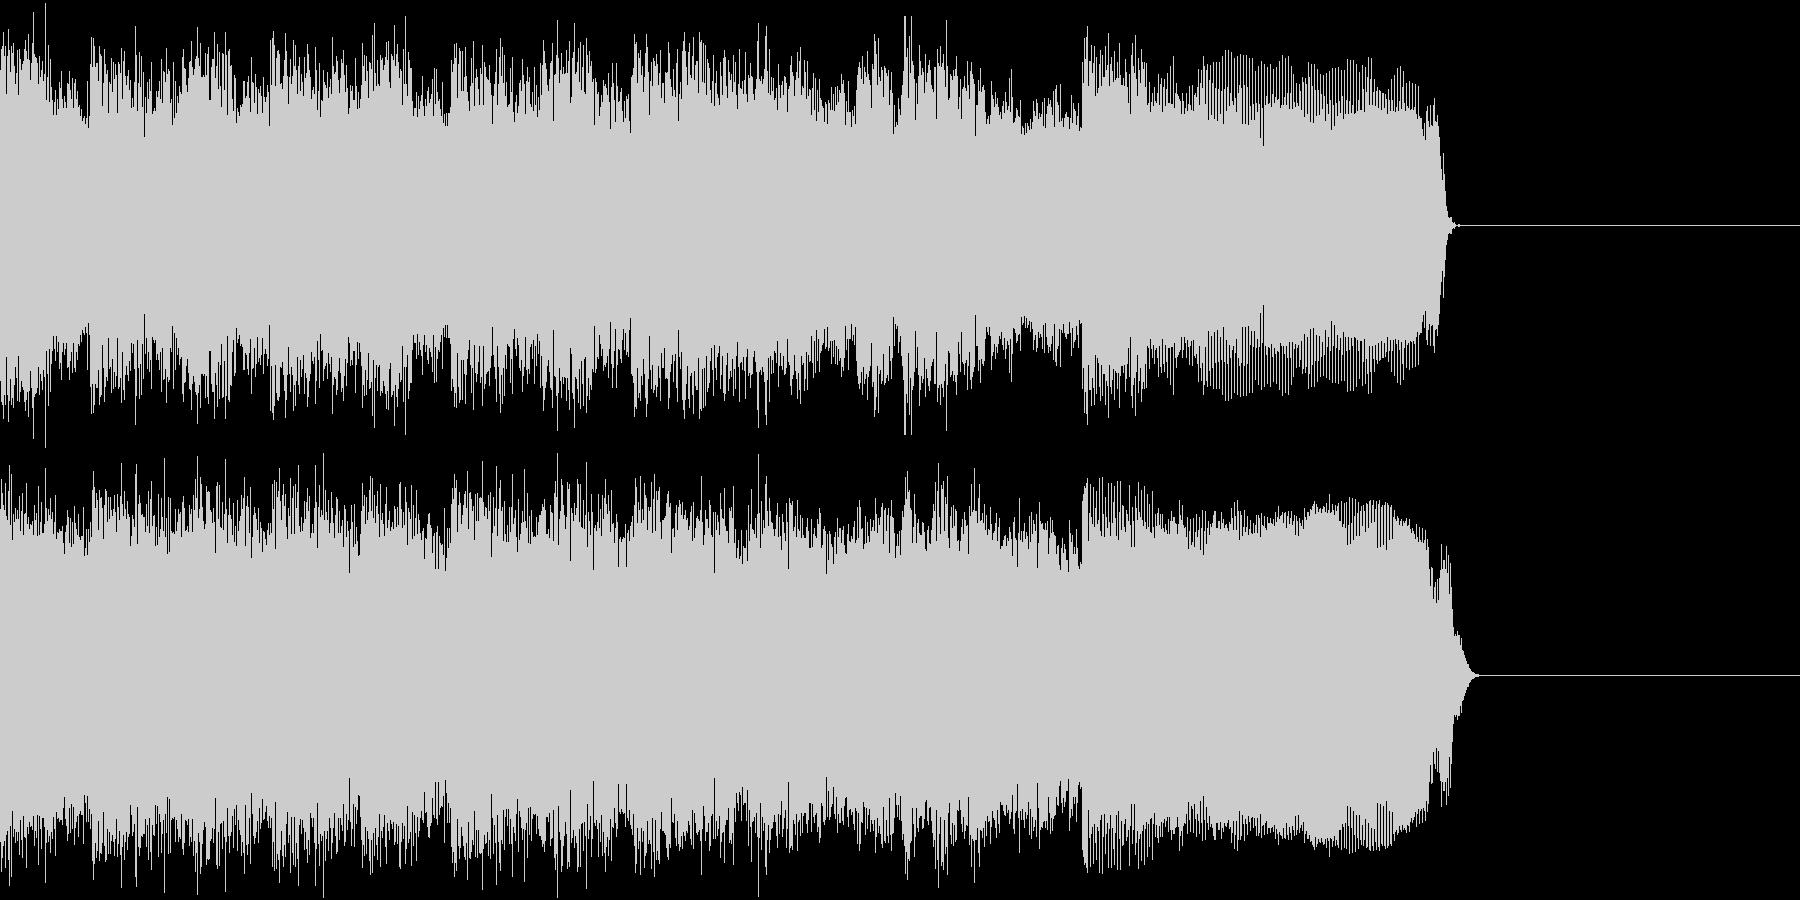 メタル ジングル ザクザク 生演奏の未再生の波形